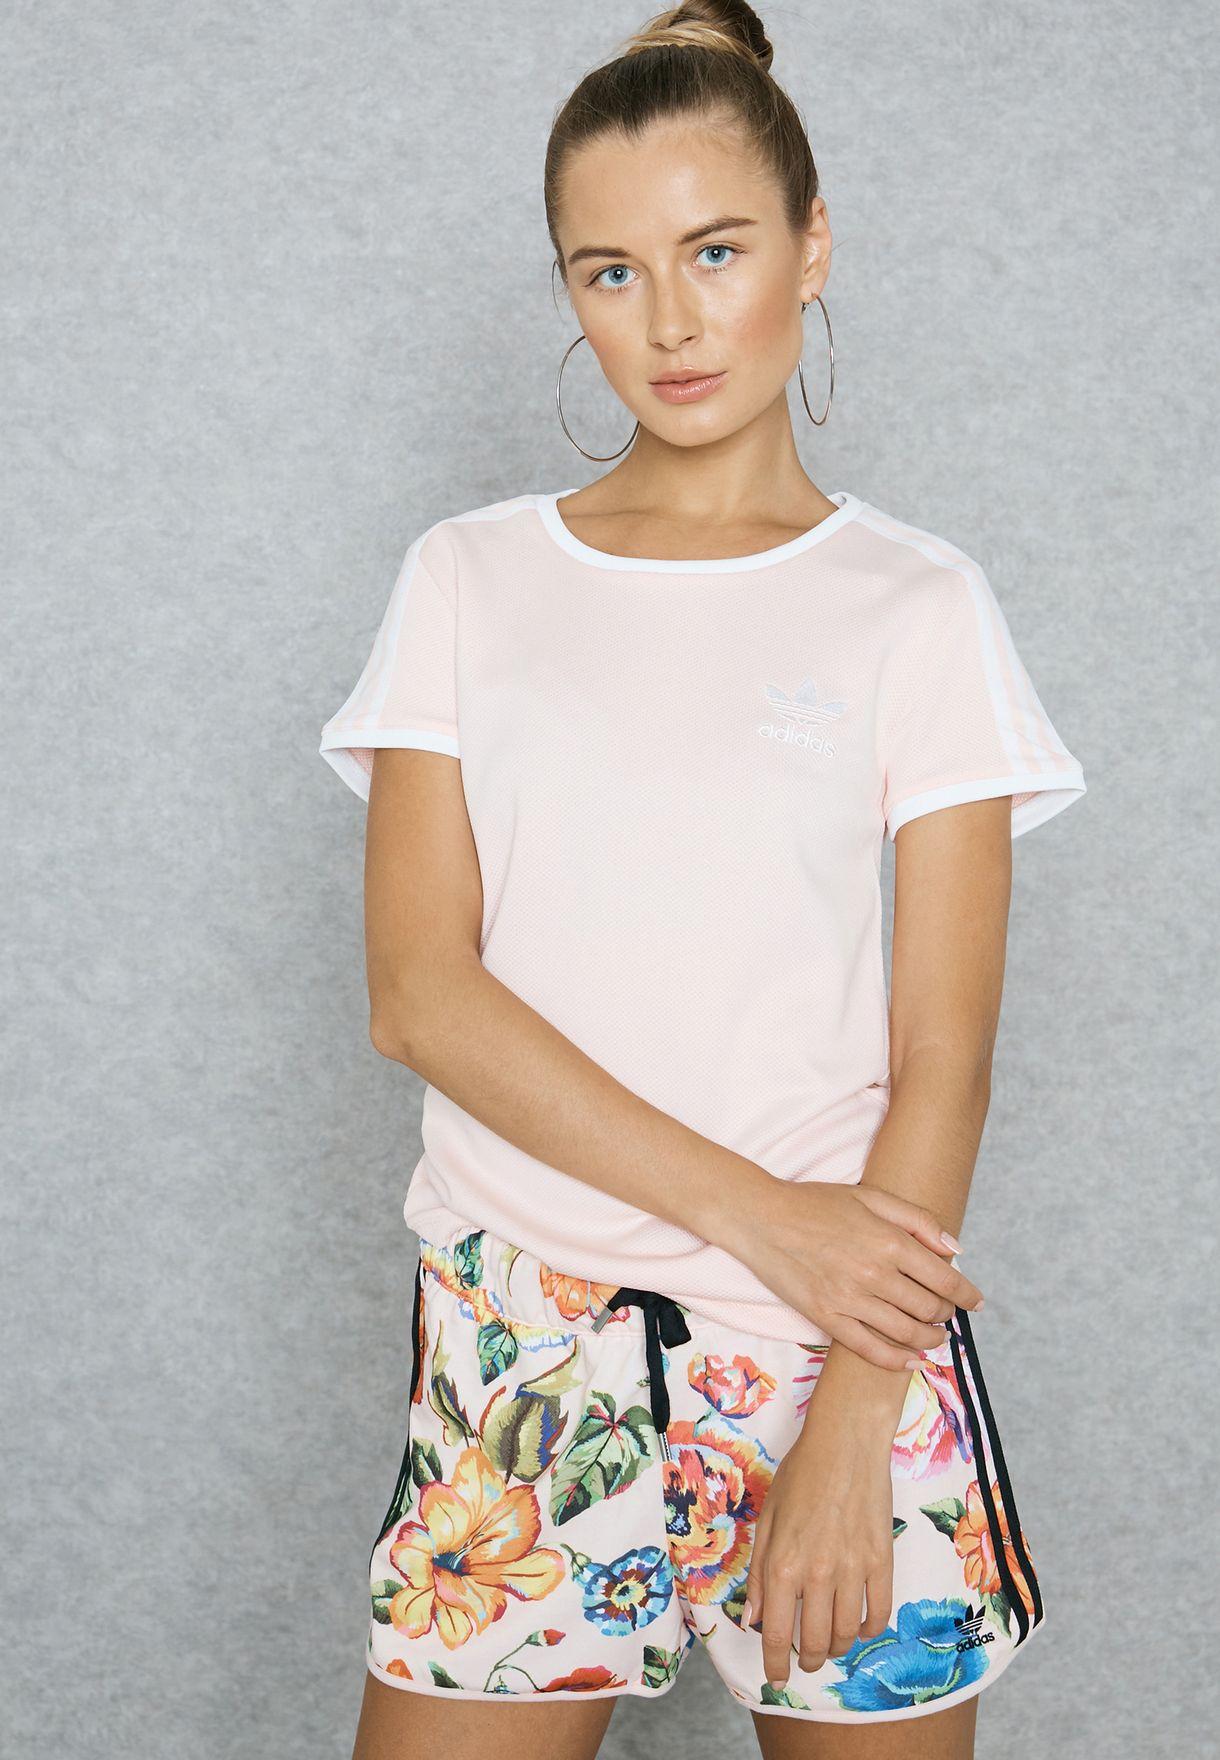 3ace71d61e6 Shop adidas Originals pink Sandra 1977 T-Shirt BP9439 for Women in ...